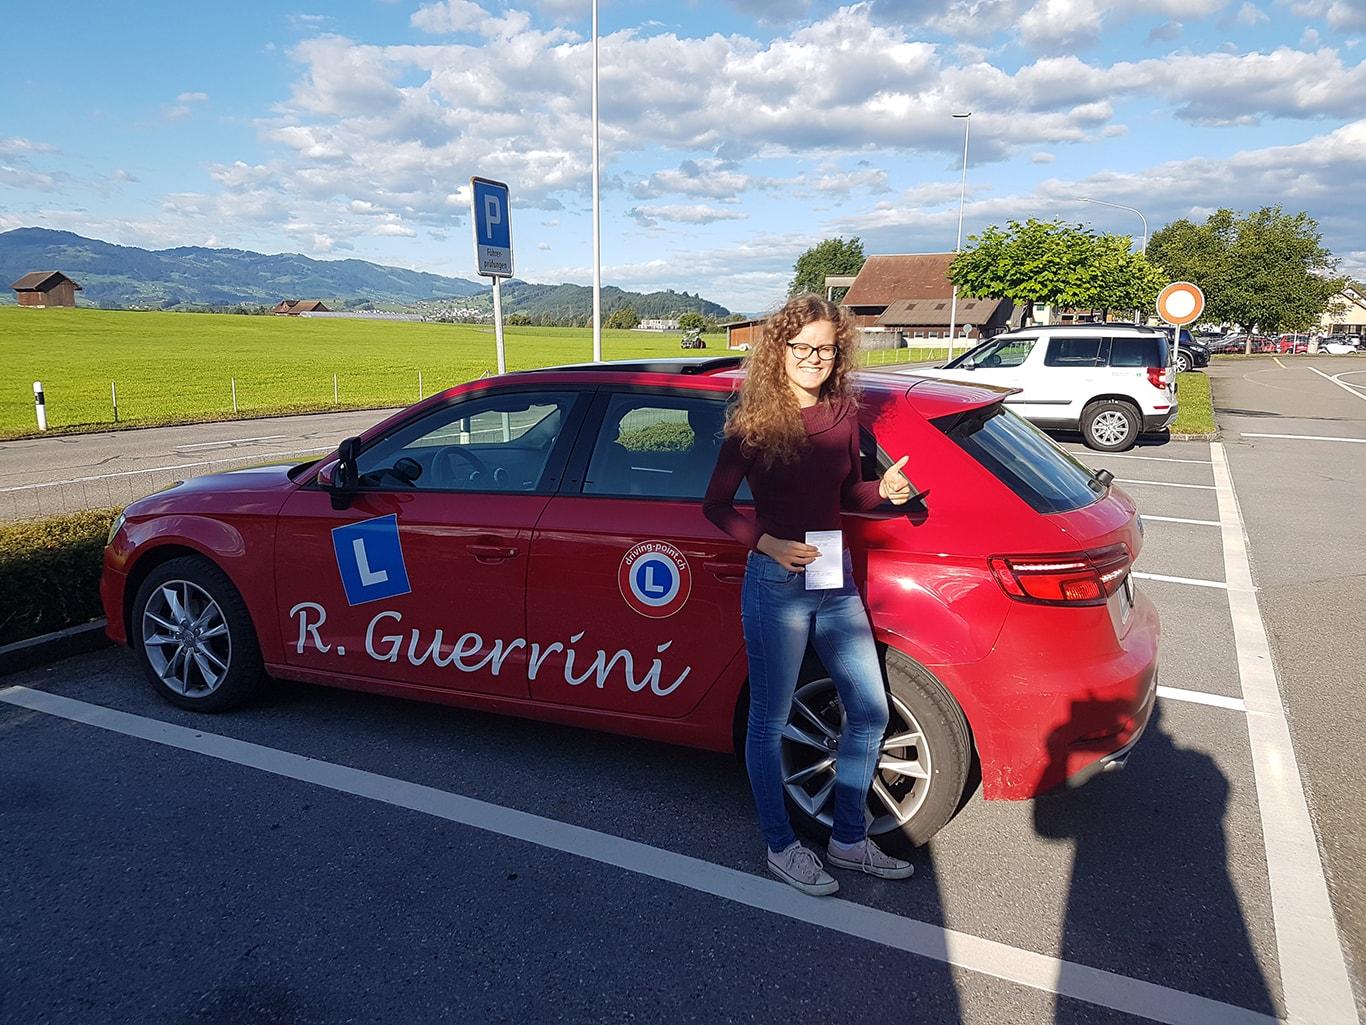 Führerschein Kurse für Auto & Motorrad in Rapperswil-Jona - Fahrschule Driving Point